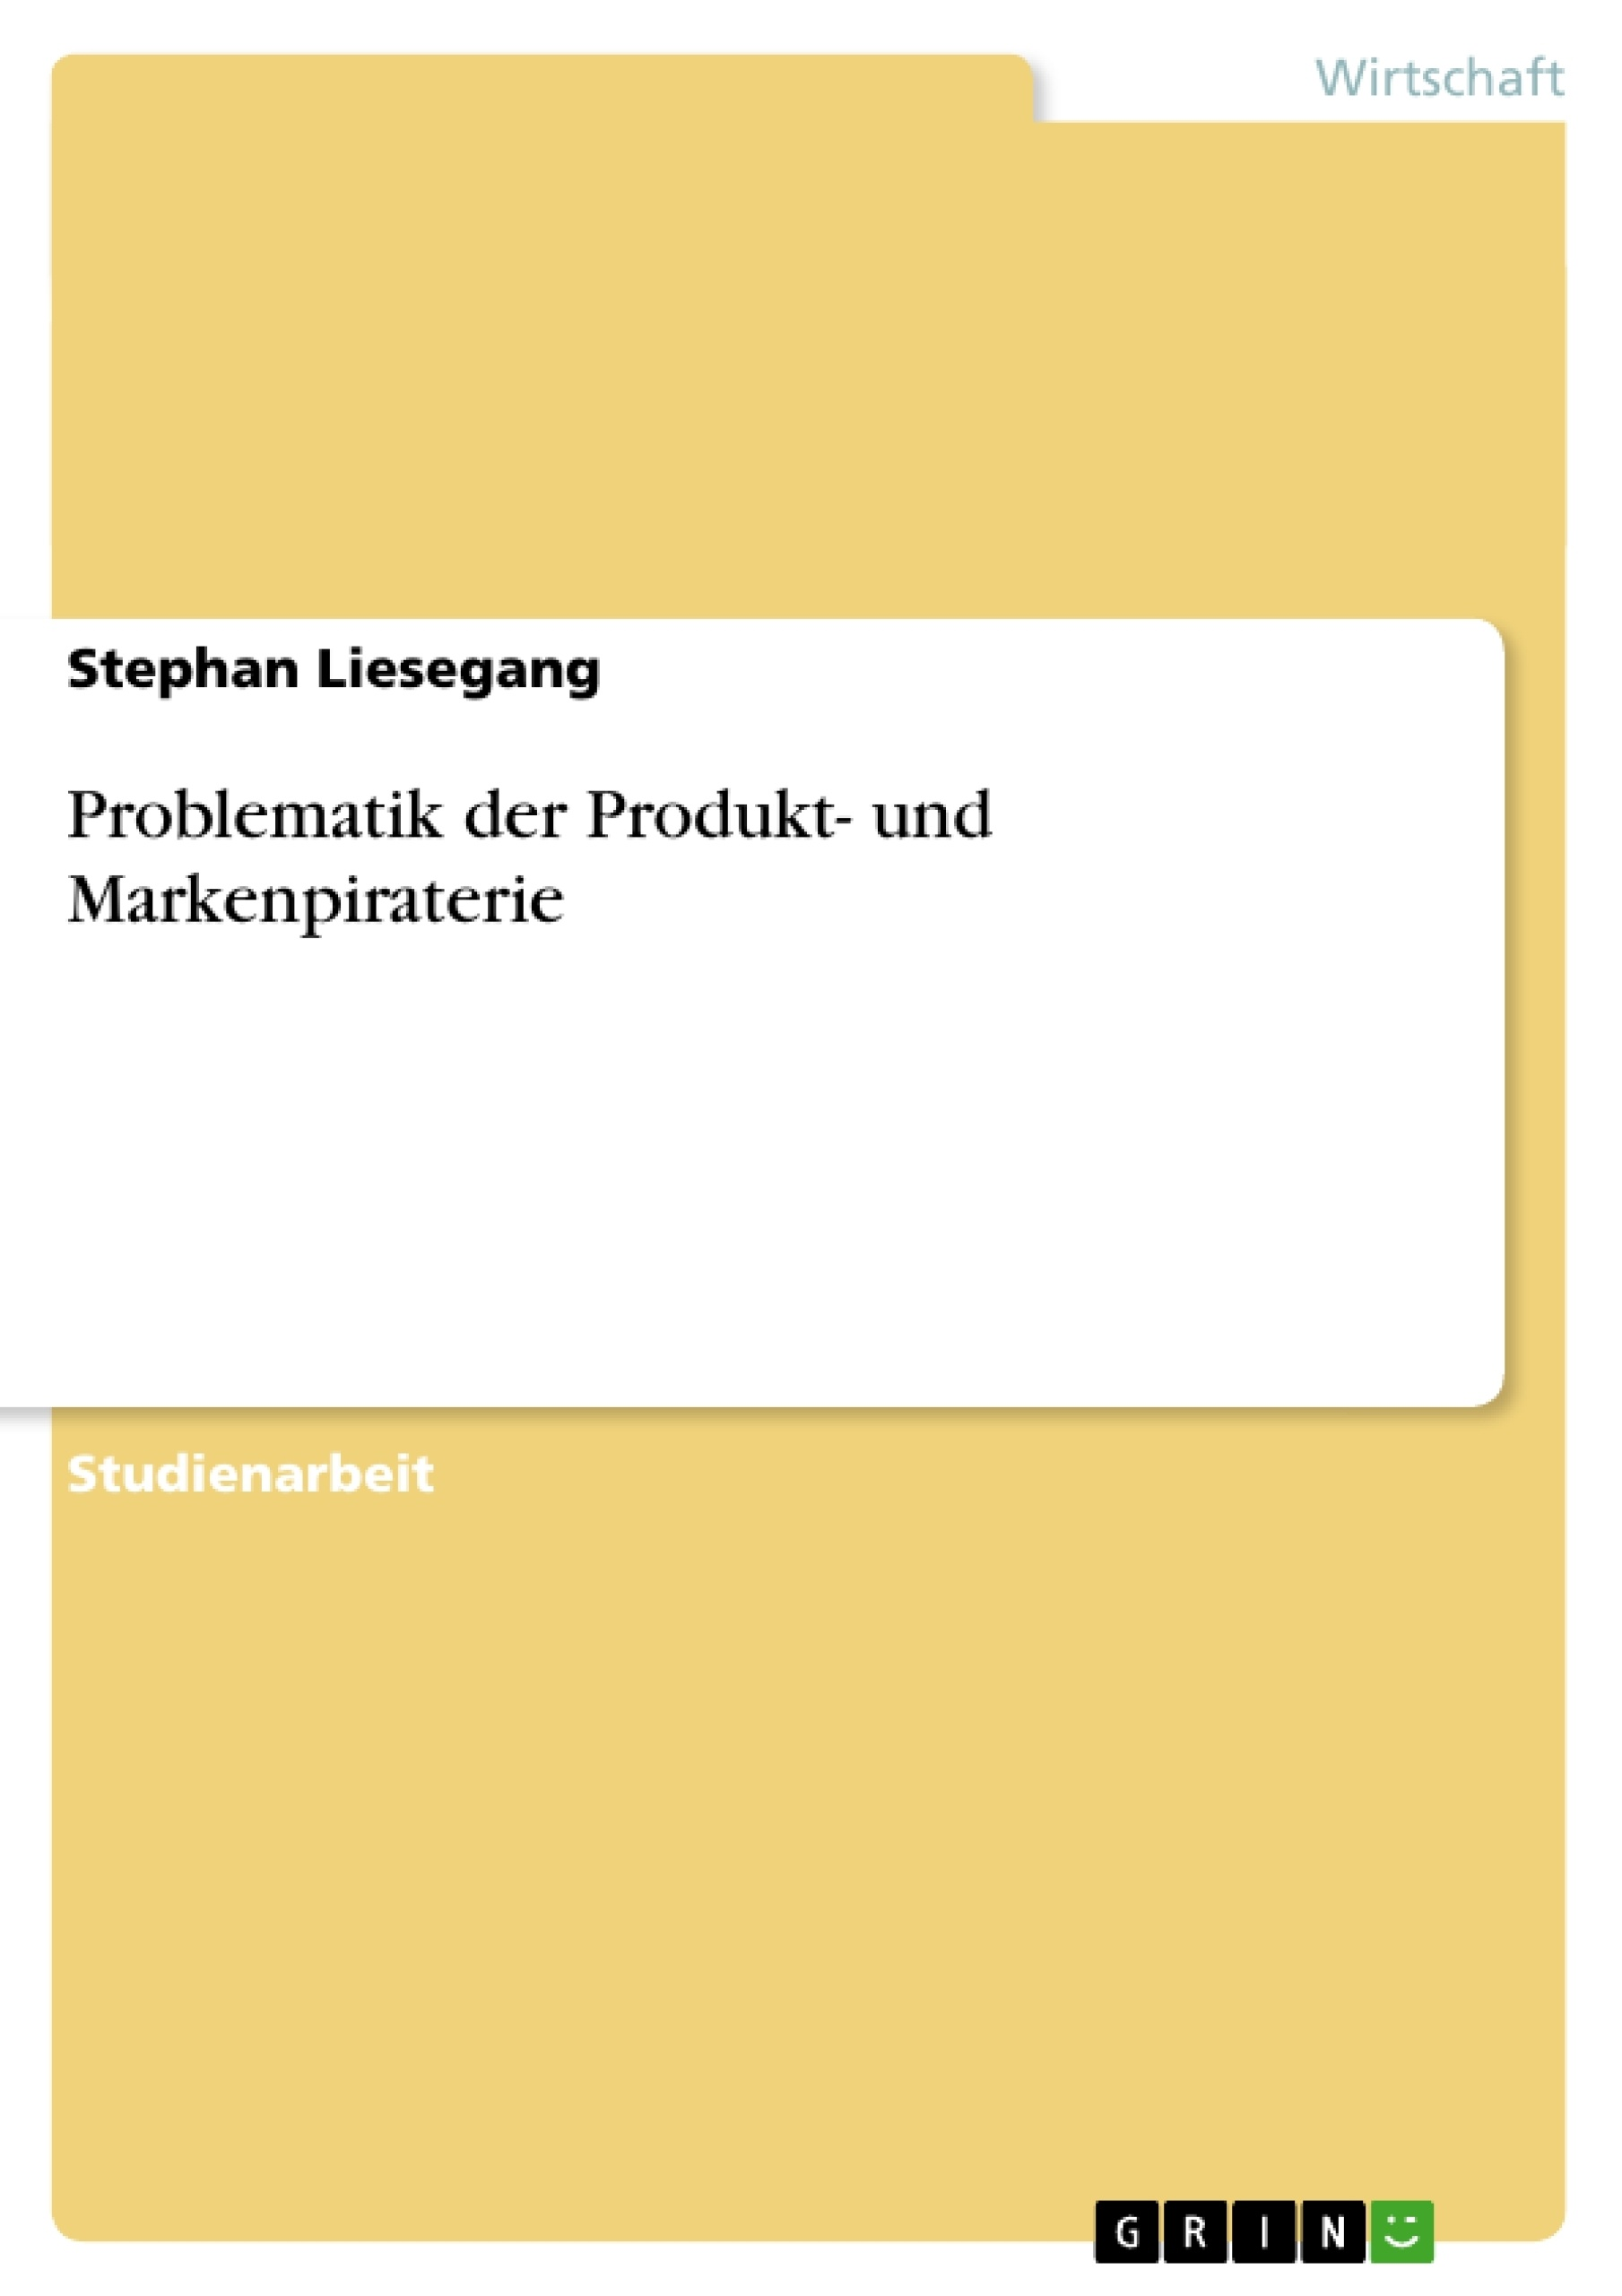 Titel: Problematik der Produkt- und Markenpiraterie